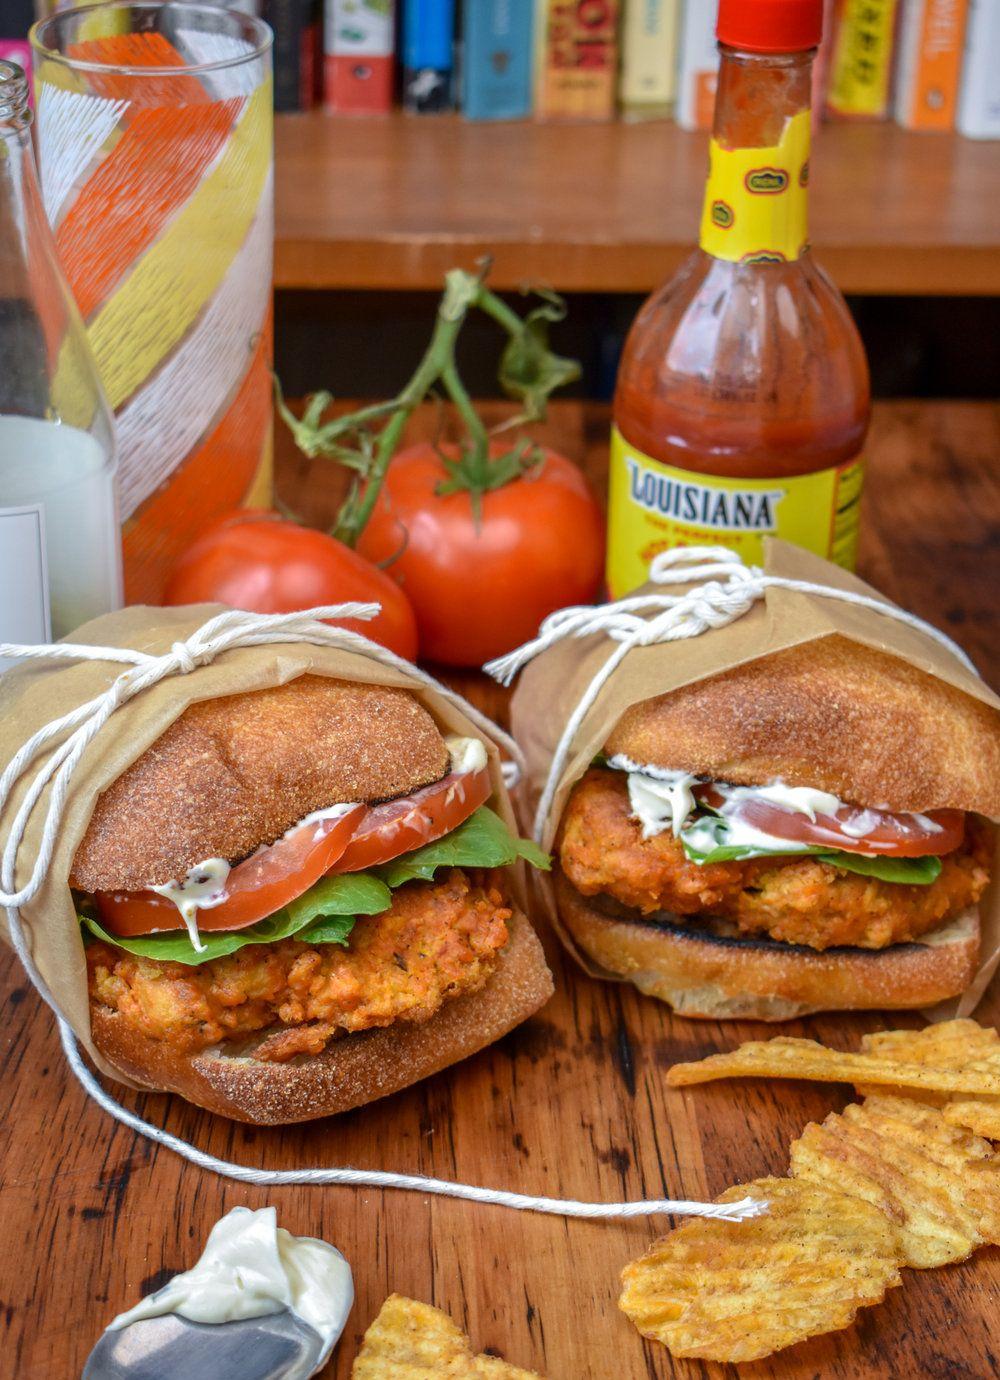 Vegan Wendy S Mock Spicy Chicken Sandwich W Meatfree Breaded Chicken Patty The Vegan Caveman Recipe Vegan Recipes Vegetarian Vegan Recipes Vegan Fried Chicken